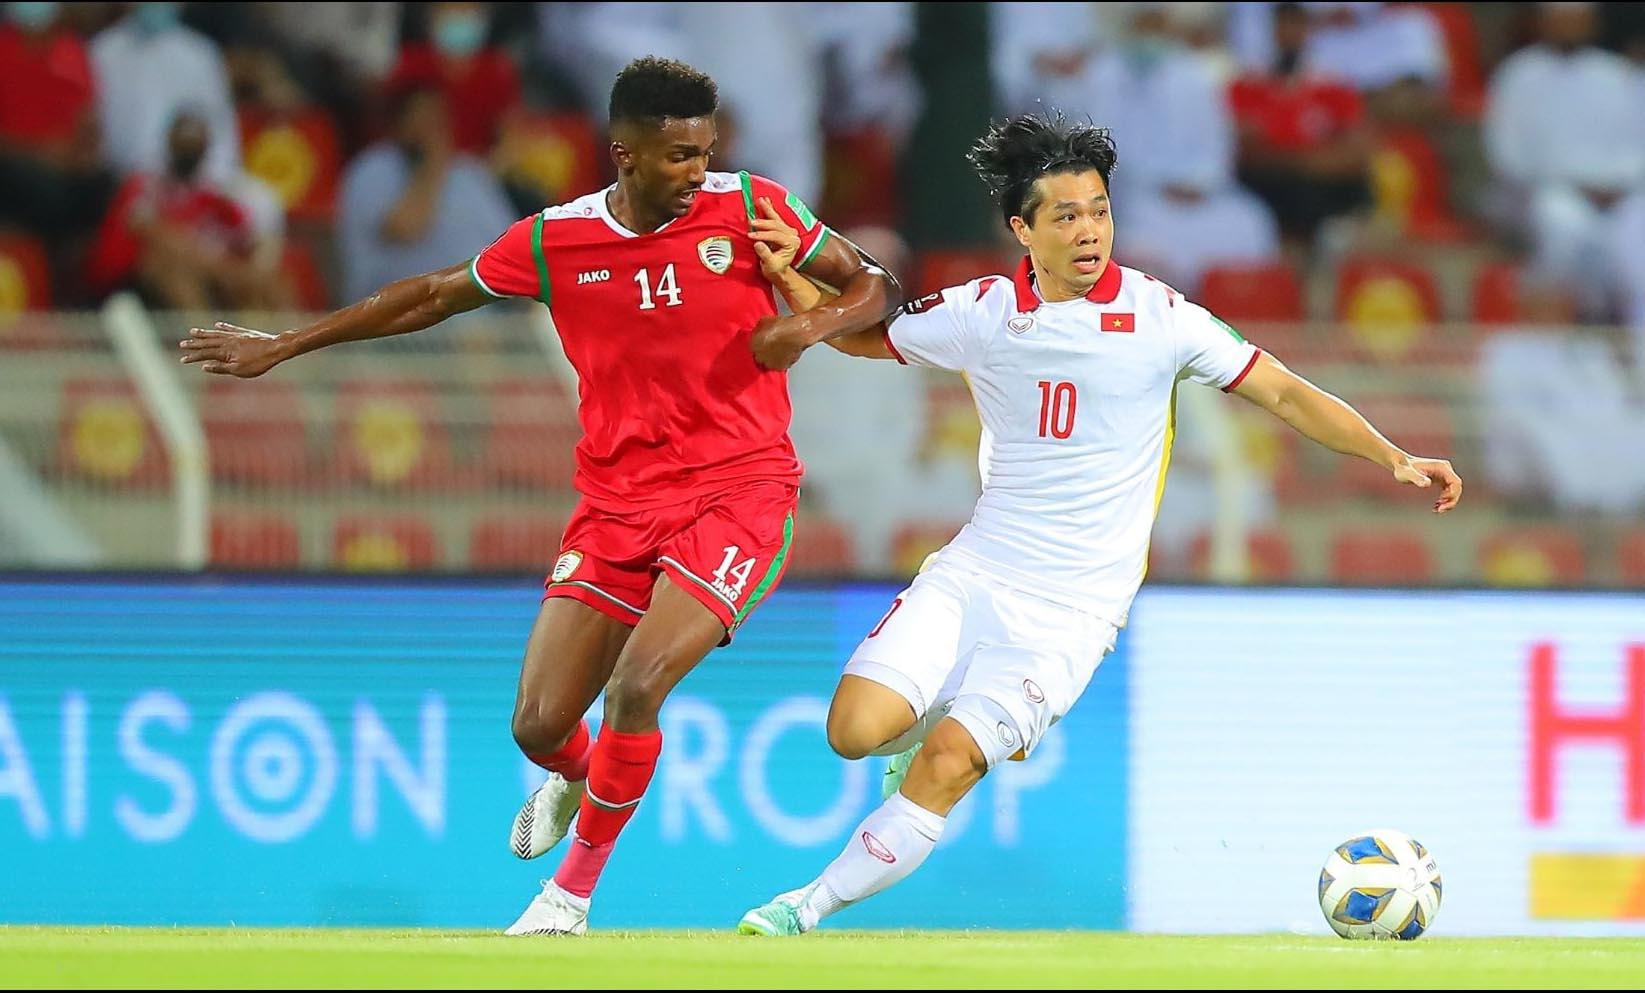 Đội tuyển Việt Nam thua ngược 1-3 Oman -0